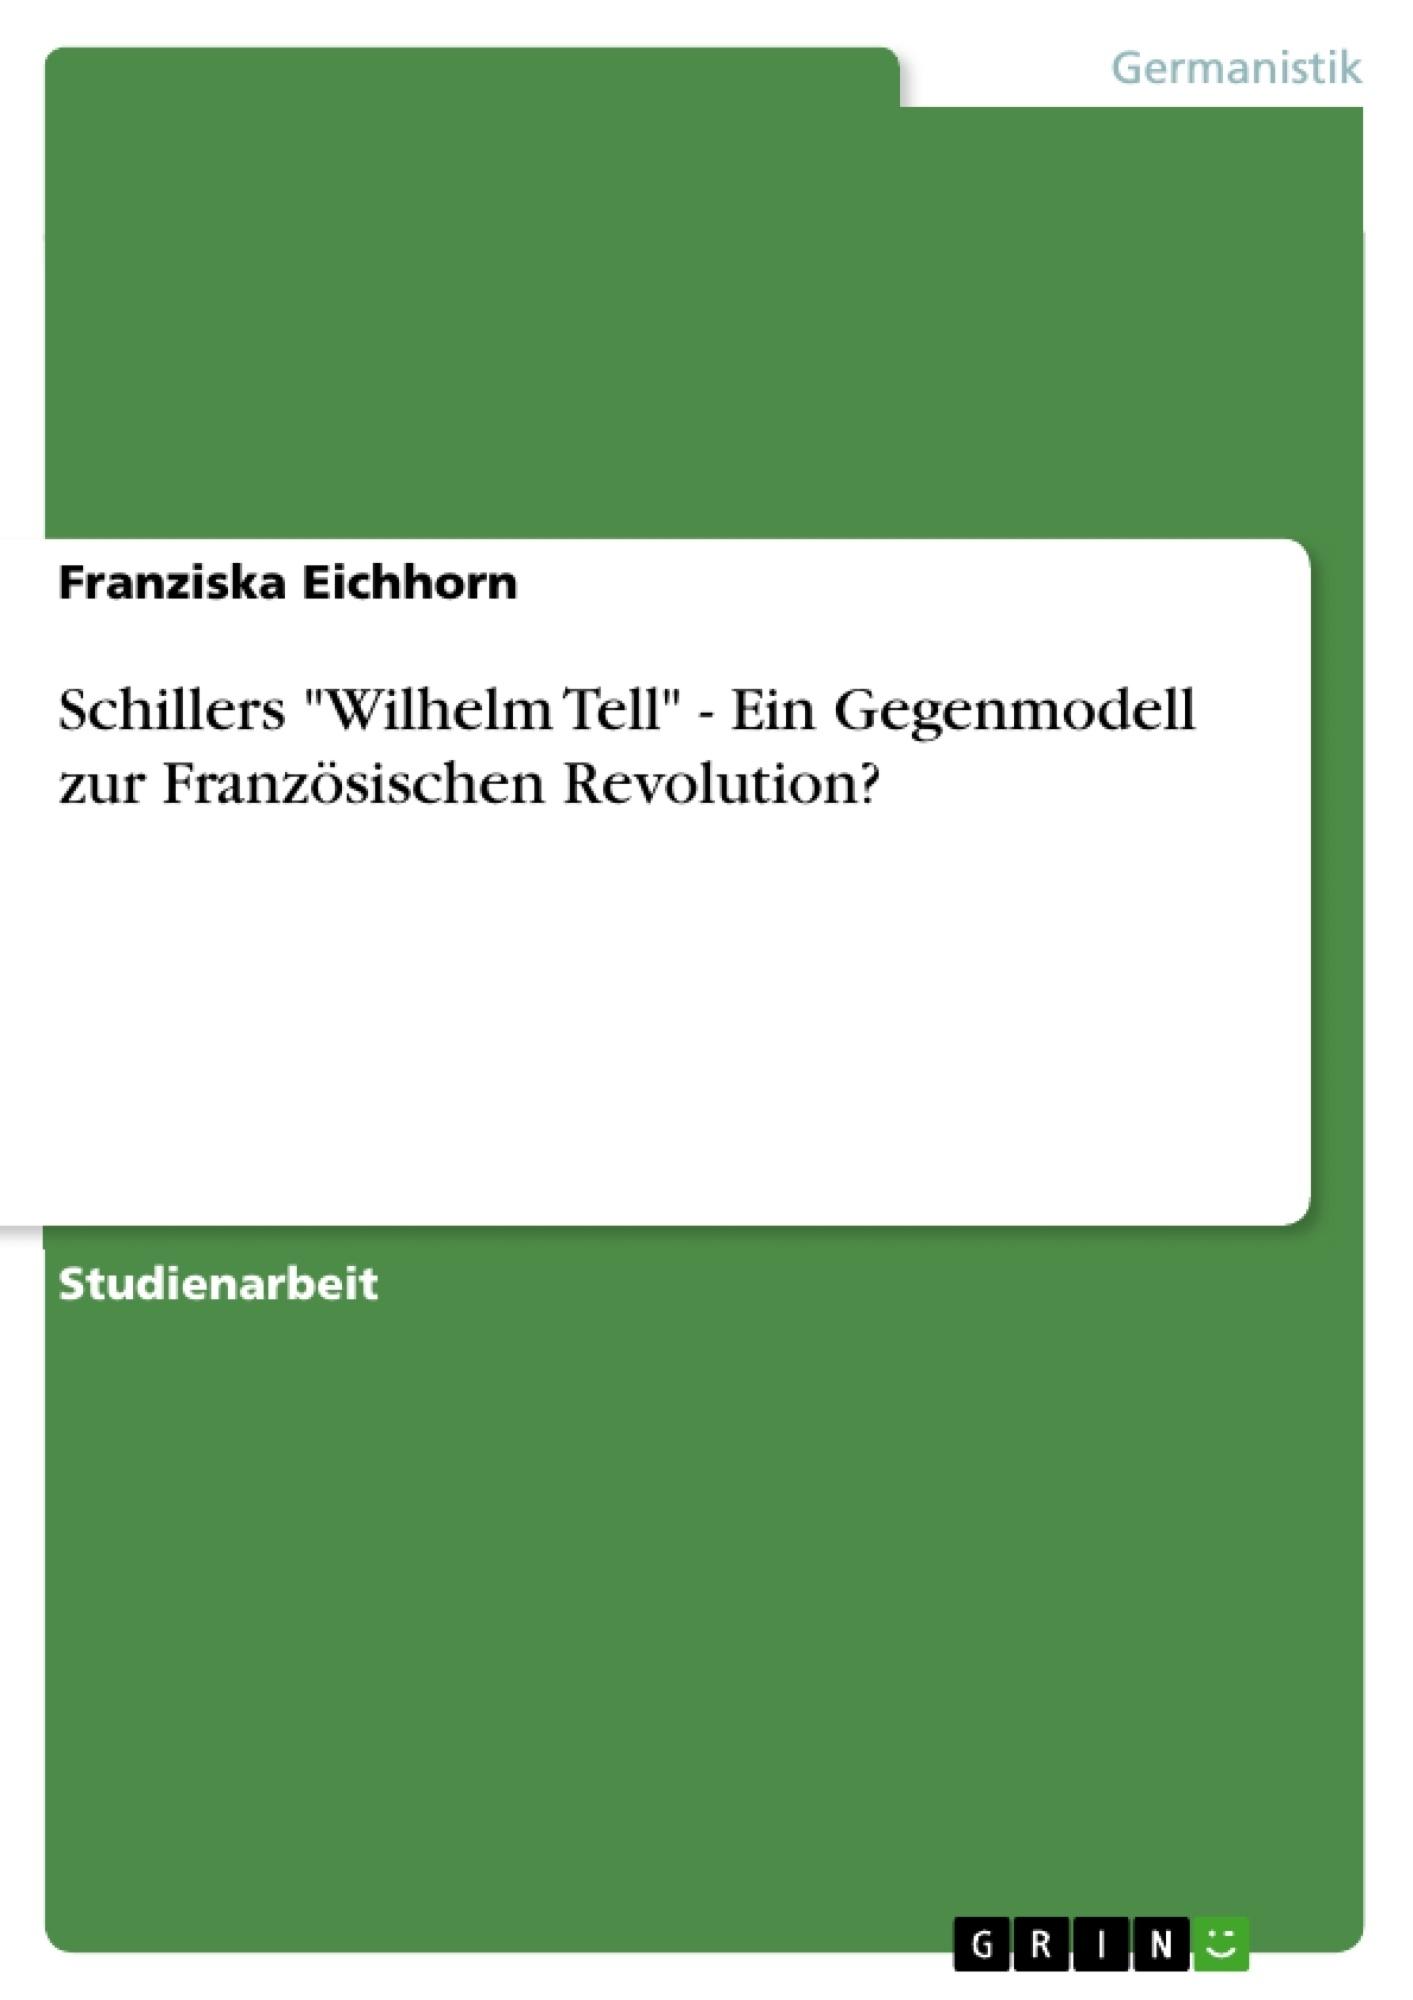 """Titel: Schillers """"Wilhelm Tell"""" - Ein Gegenmodell zur Französischen Revolution?"""